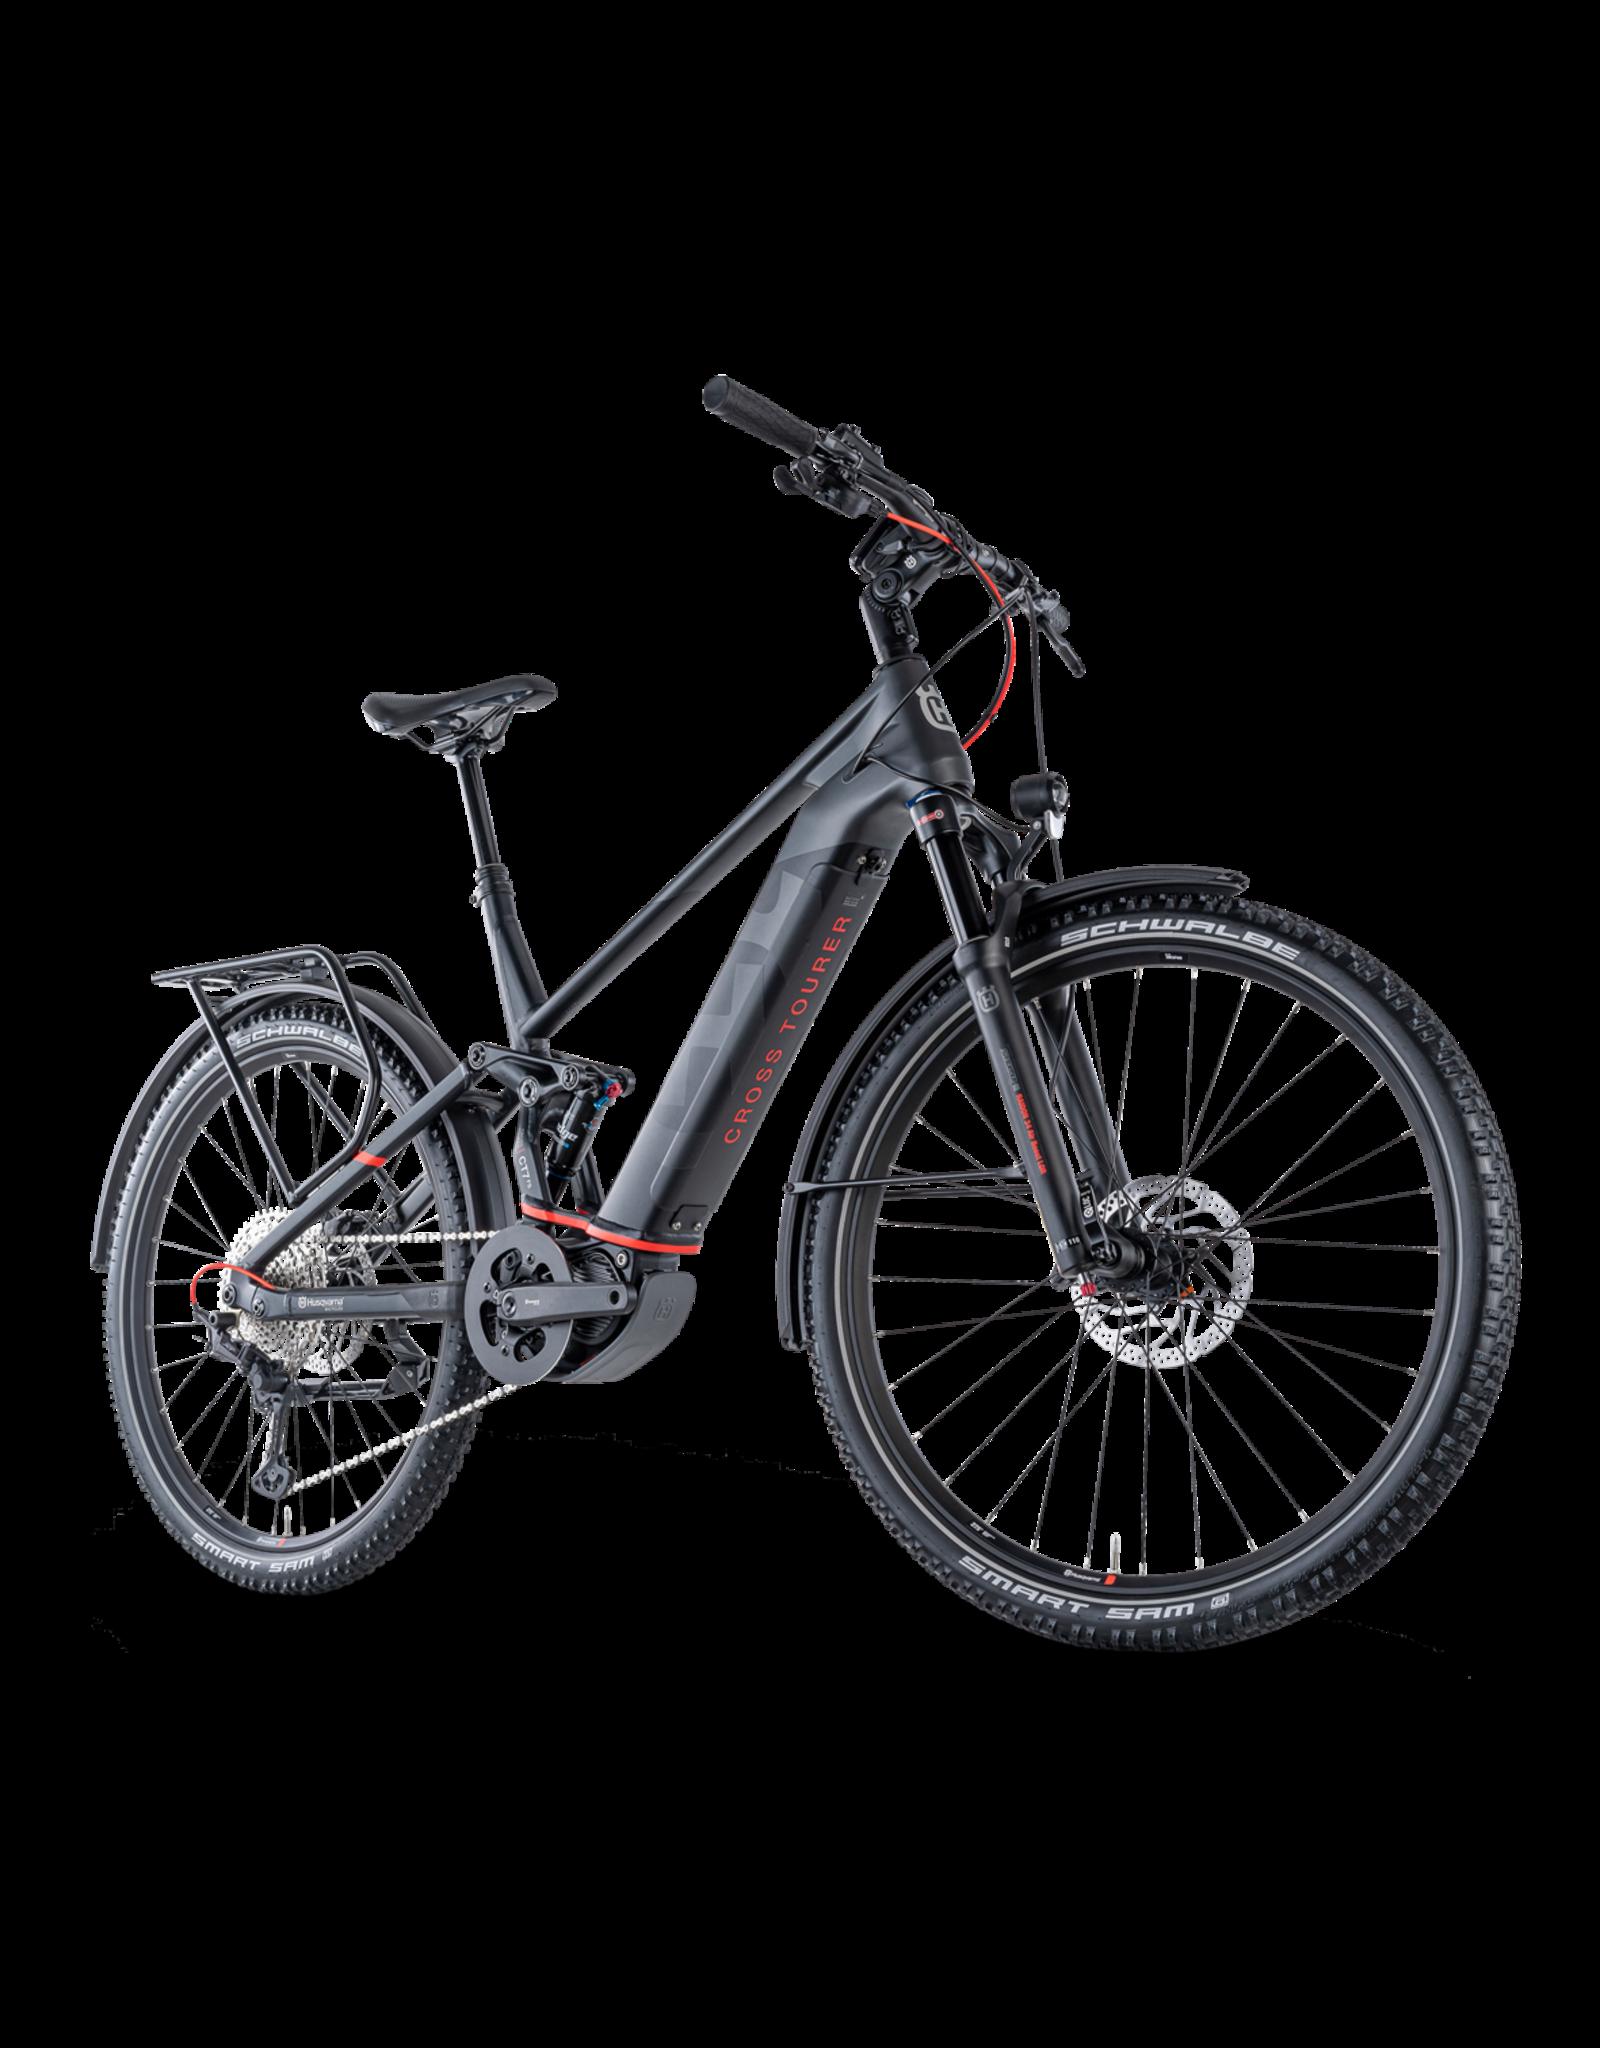 HUSQVARNA Bicycles Husqvarna Bicycles - Cross Tourer 7 FS - CT7 FS 2021